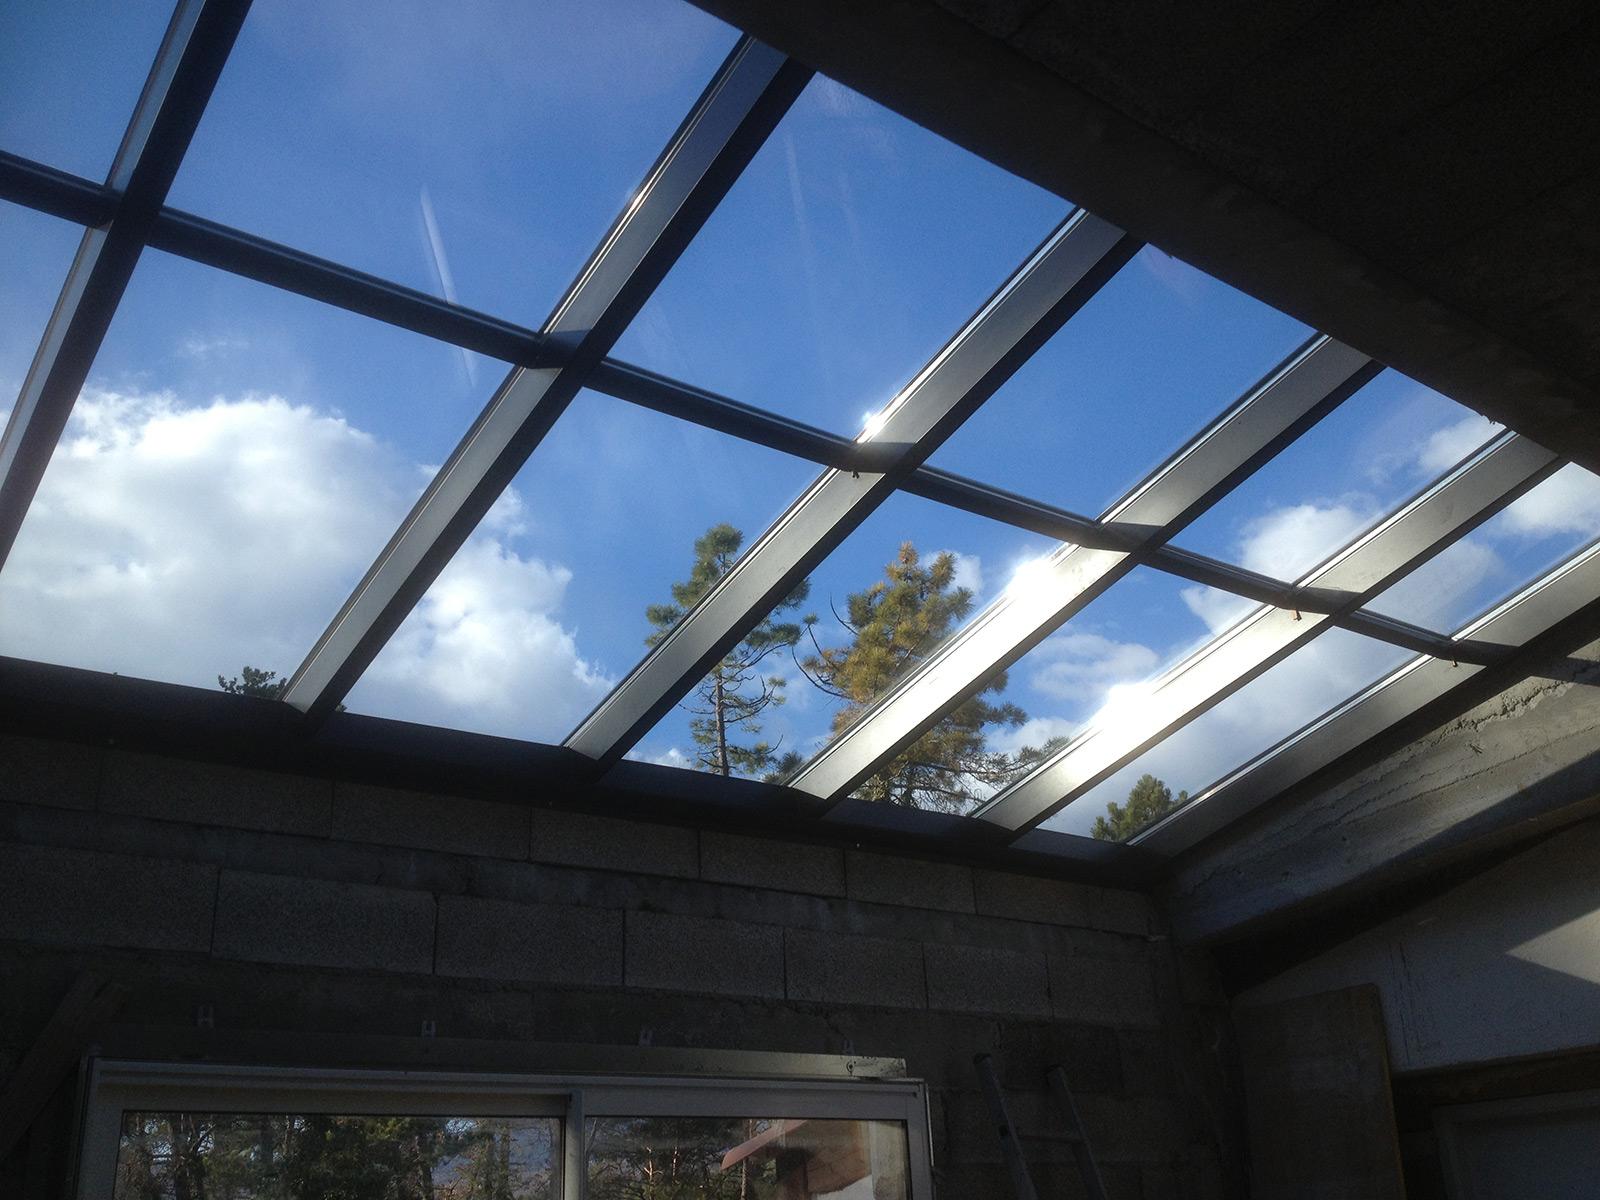 Photo d'une réalisation d'une verrière, toiture vitrée